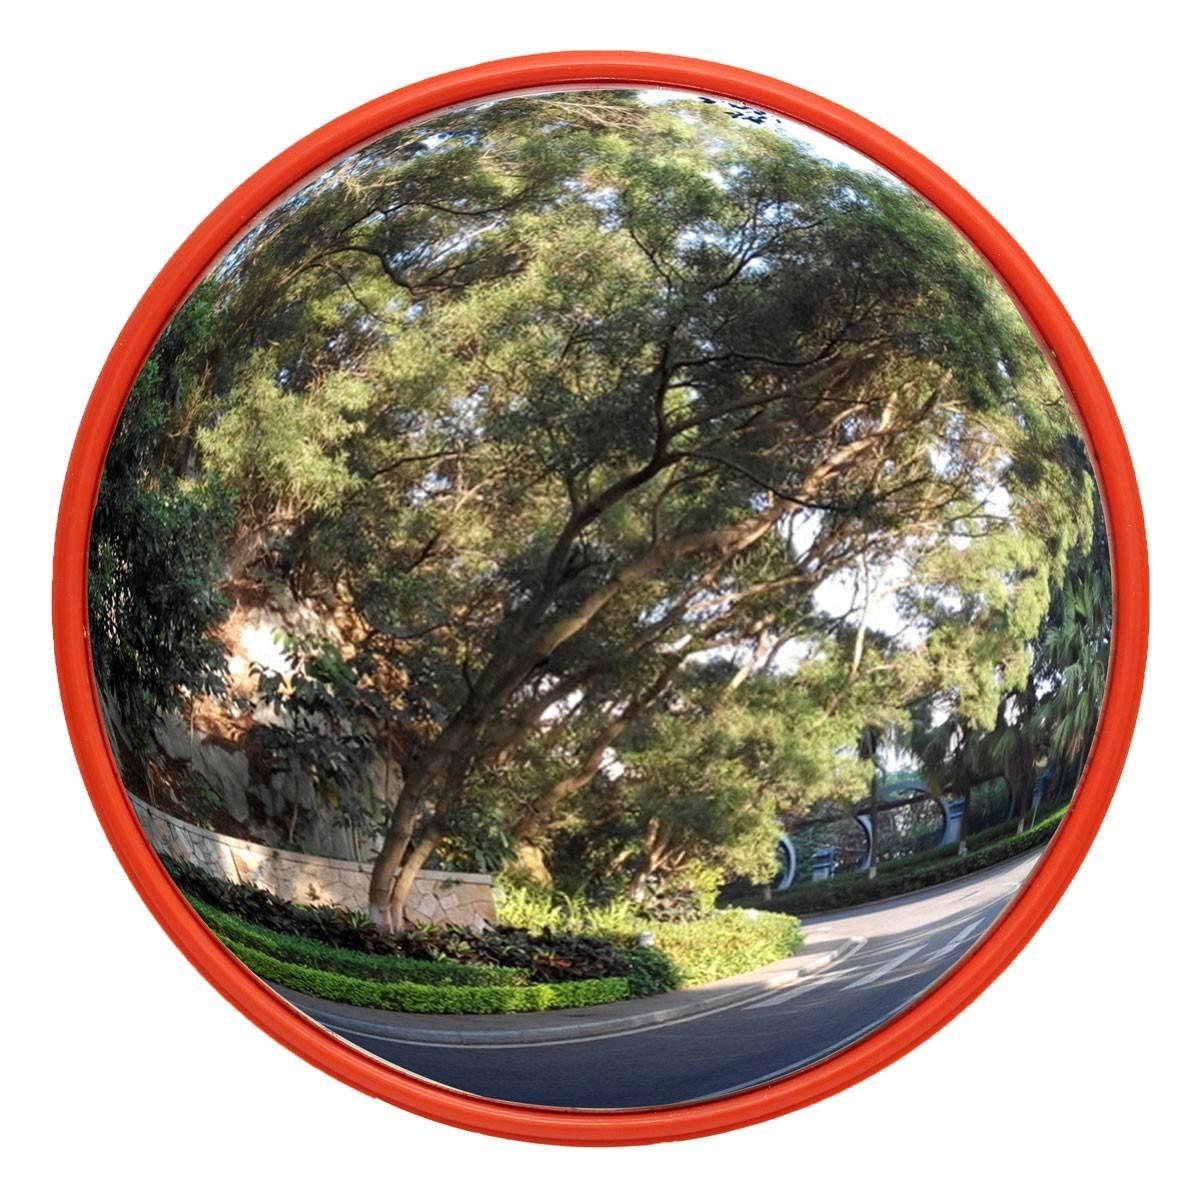 Safurance 30 cm Grandangolare di Sicurezza Curvo Specchio Convesso Strada di Traffico Driveway Traffico Segnale di Sicurezza Sulle Strade